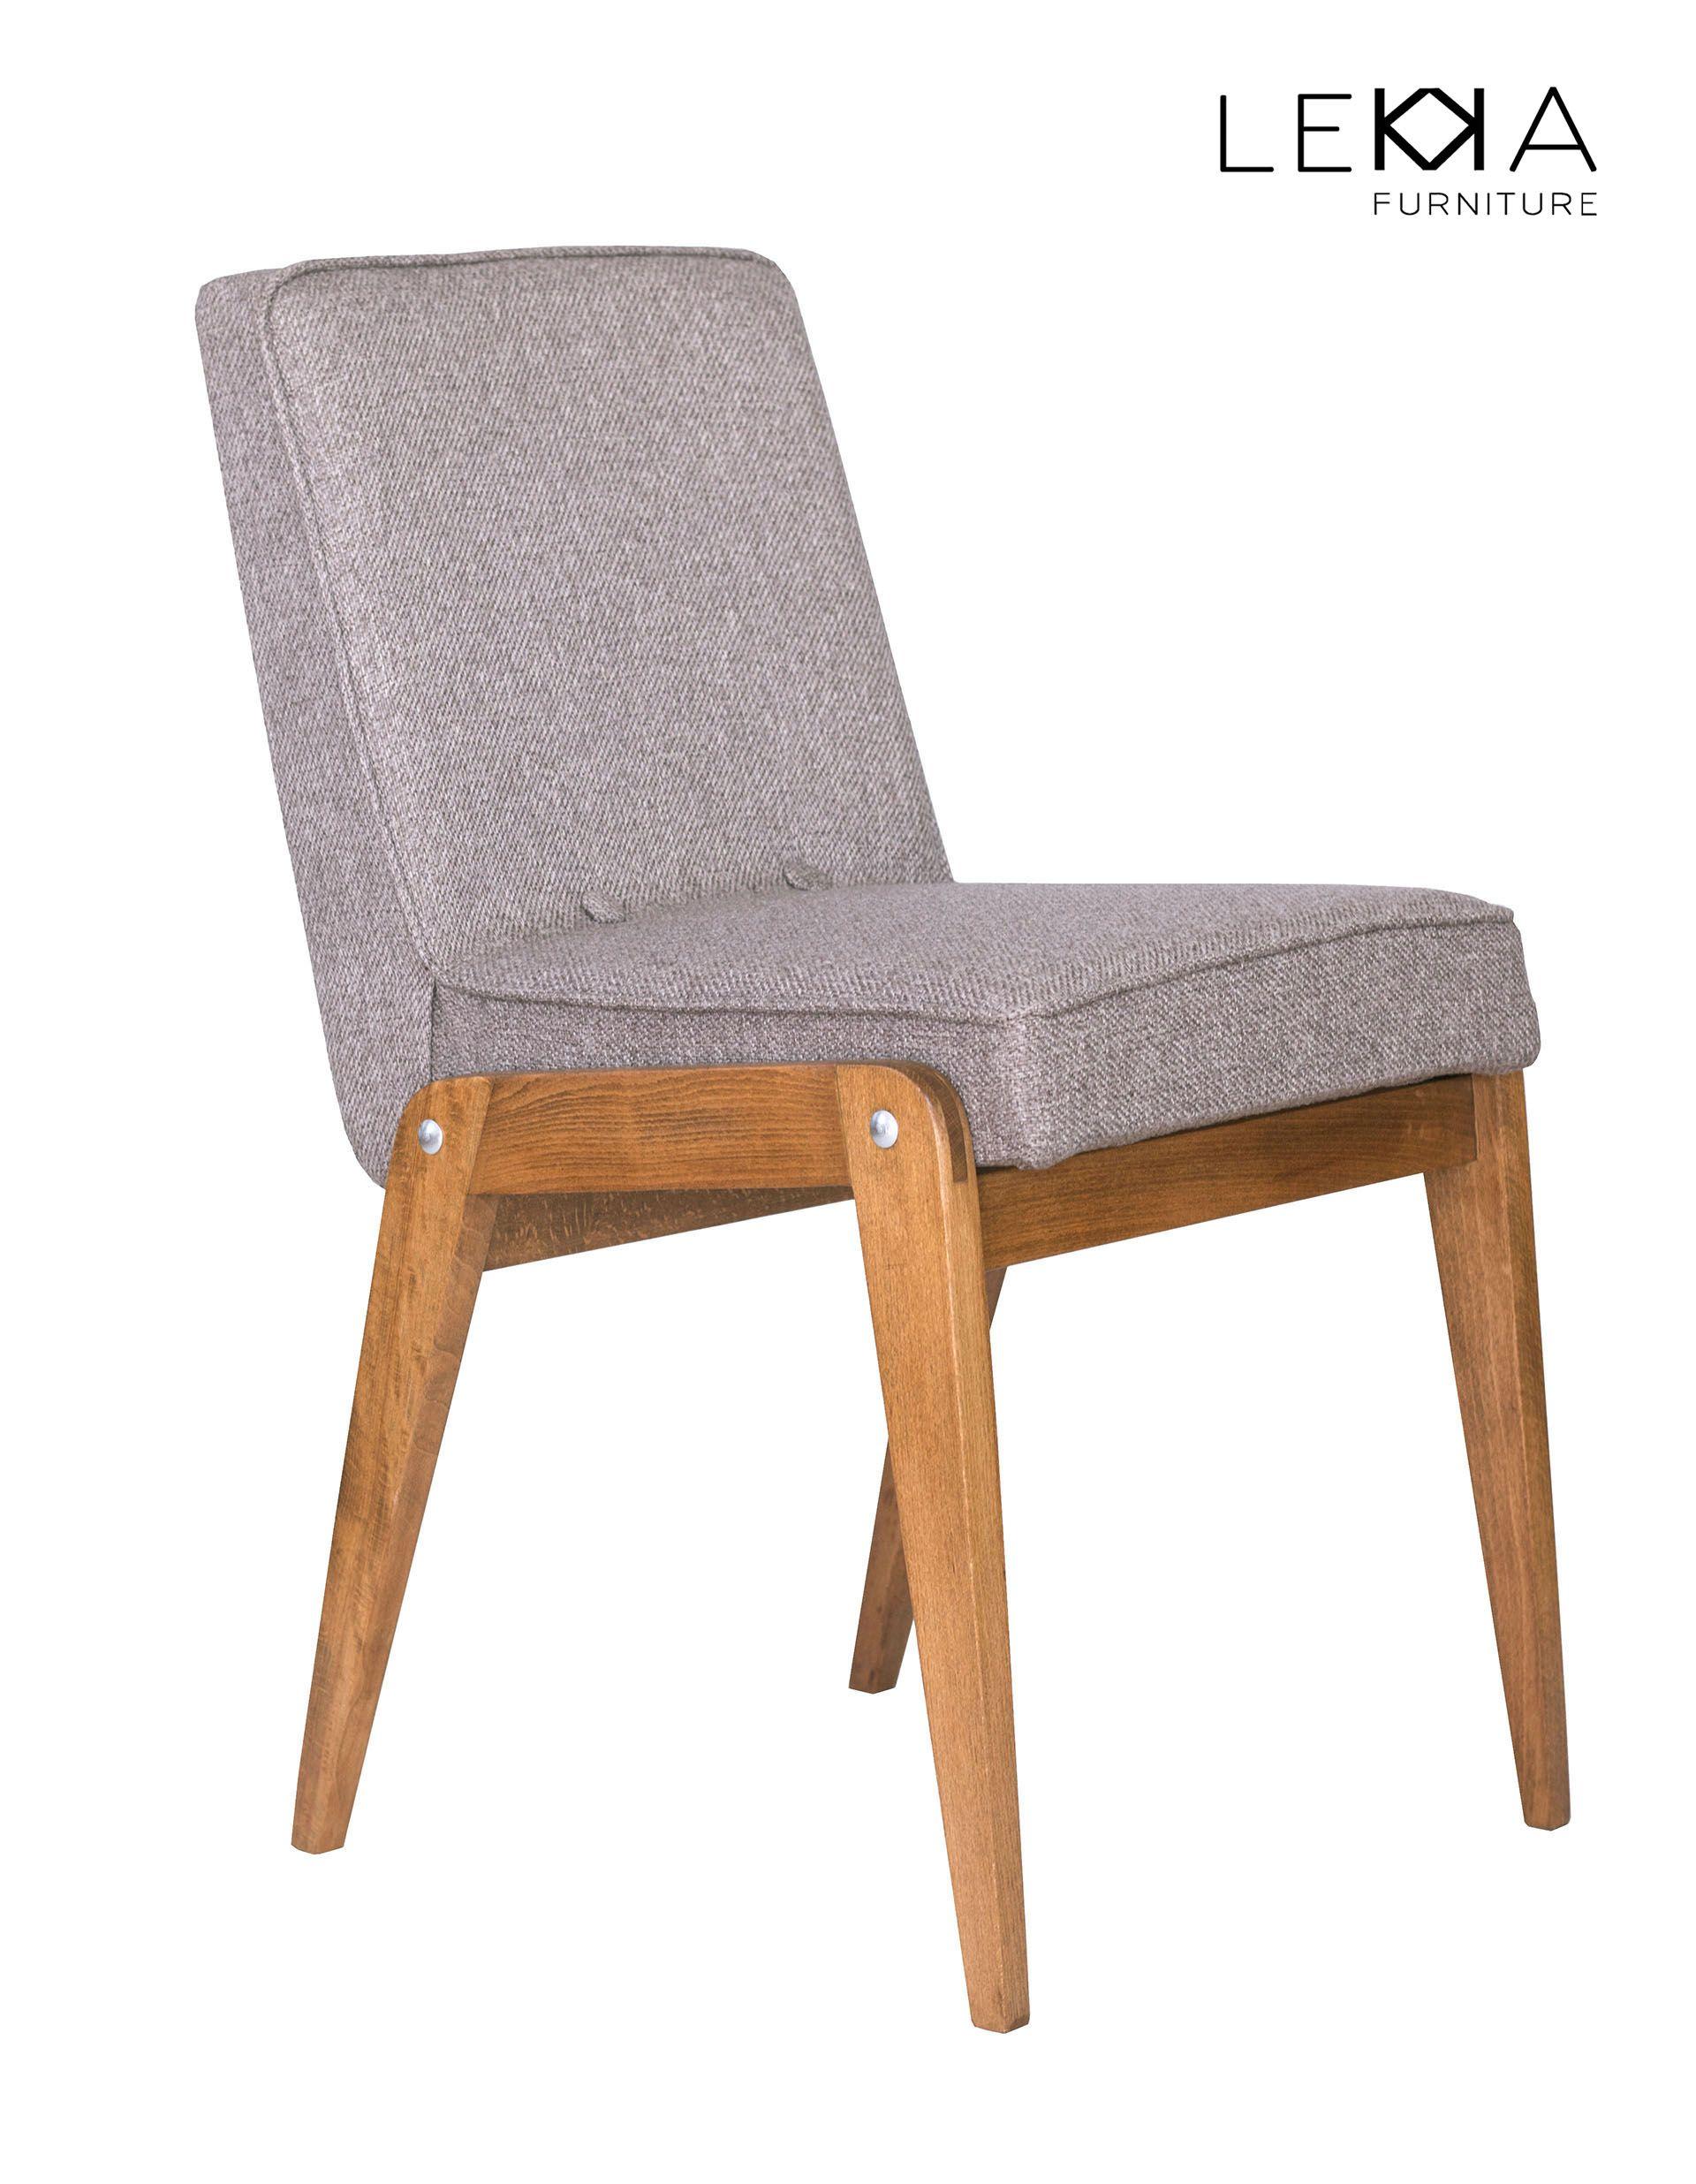 Krzesla Prl Proj J Chierowski Typ 200 120 Tzw Aga Chair Designed By J Chierowski Midcentury Design 60 S Chair Design Furniture Design Furniture Chair